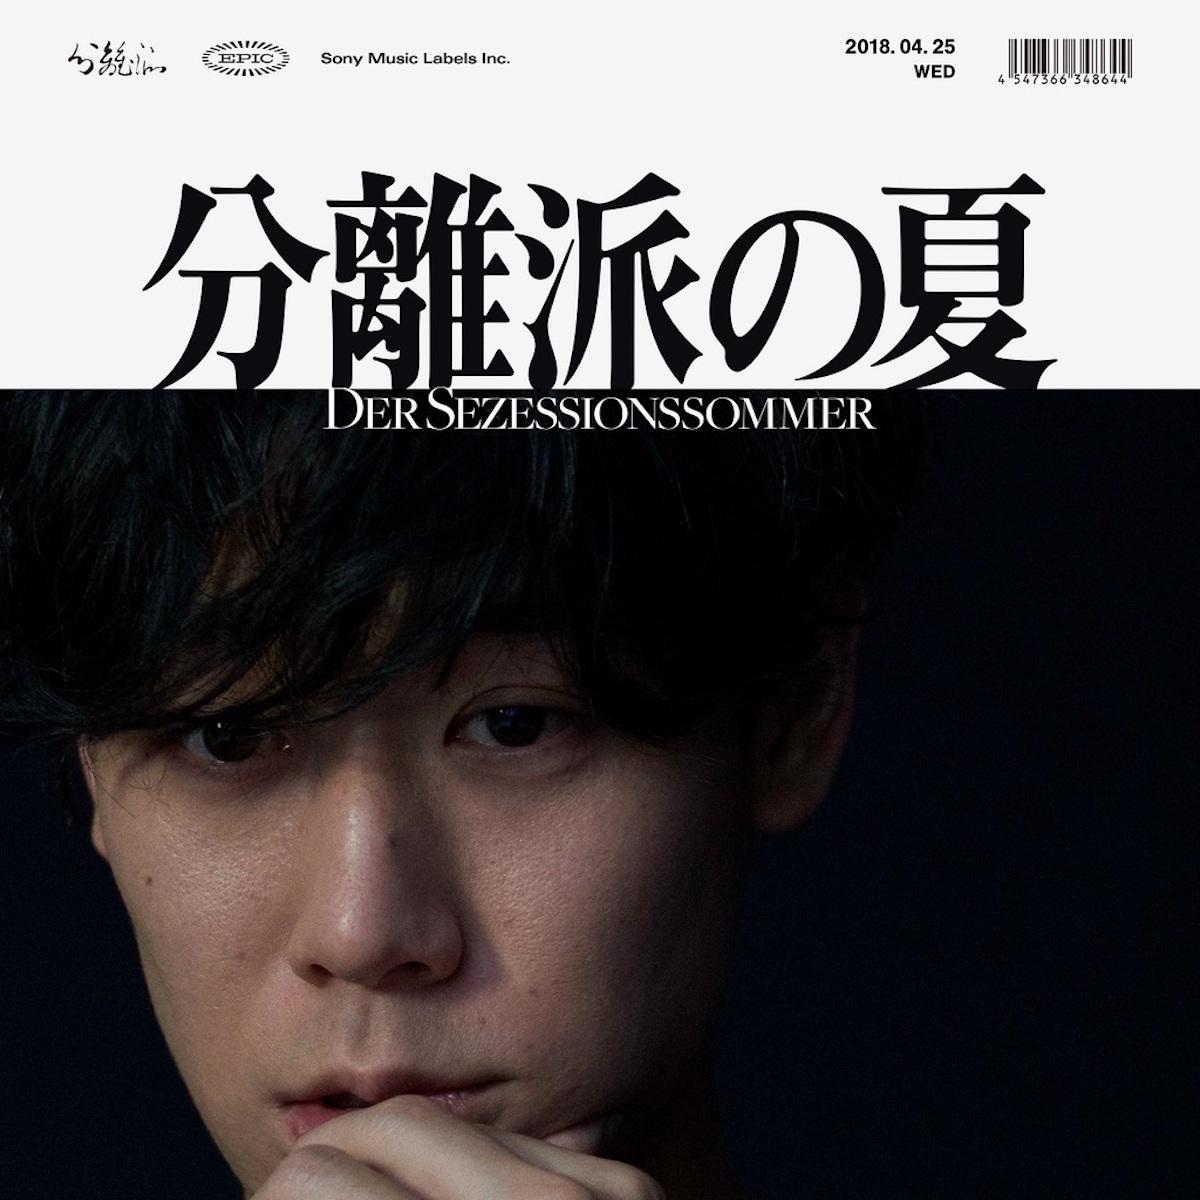 """【インタビュー】小袋成彬はなぜ """"歌わざるを得なかった""""のか? interview180322_nariakiobukuro_"""